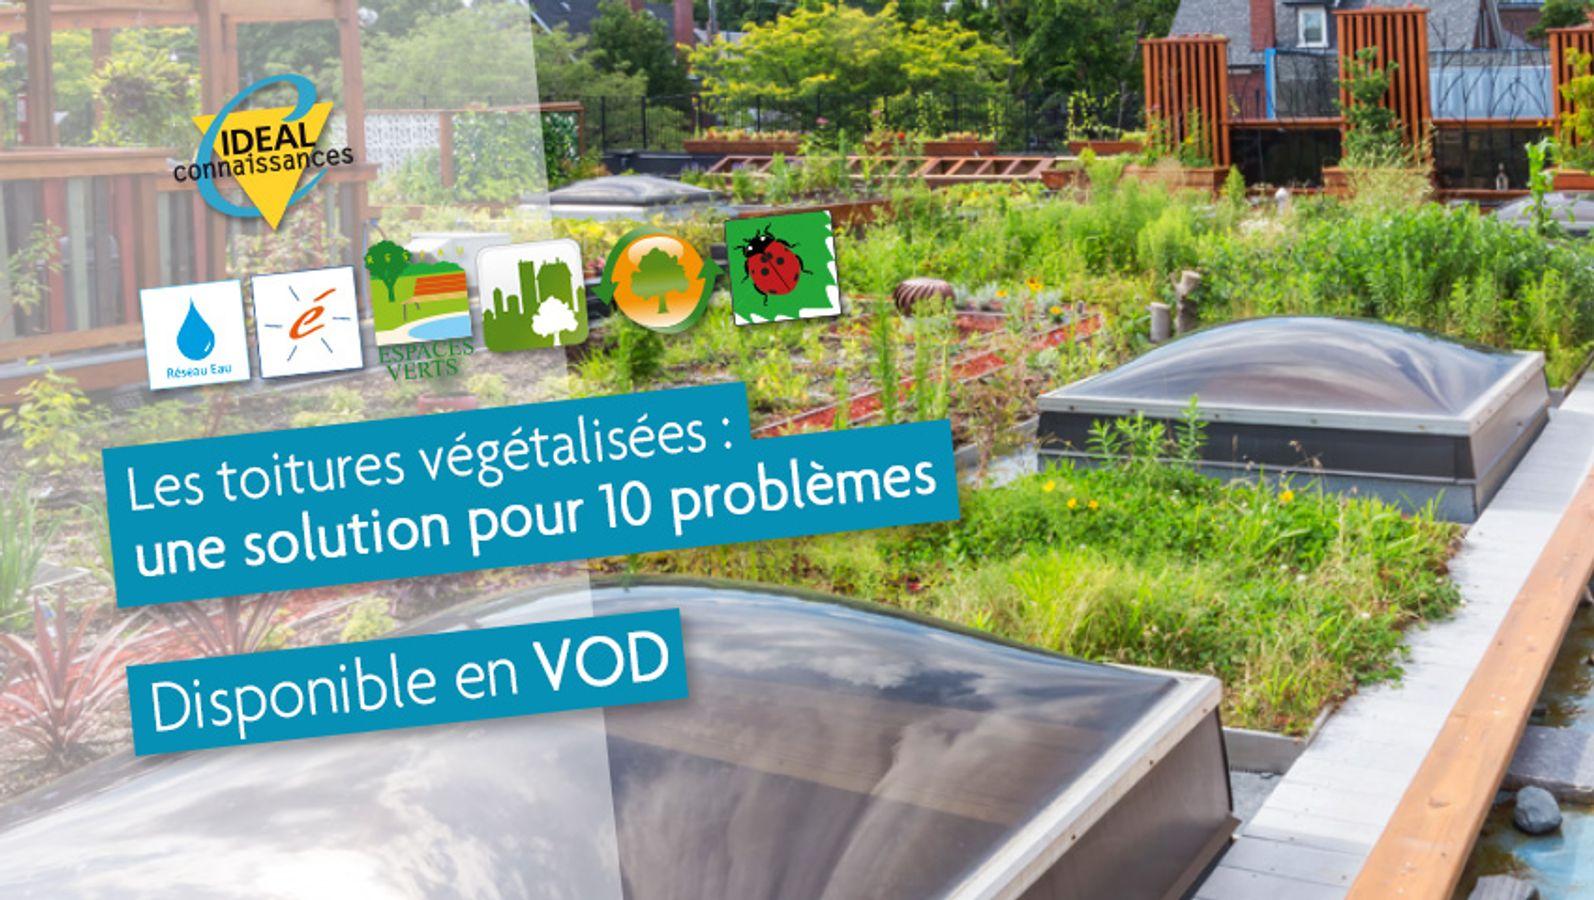 Les toitures végétalisées : une solution robuste qui résout de nombreux problèmes